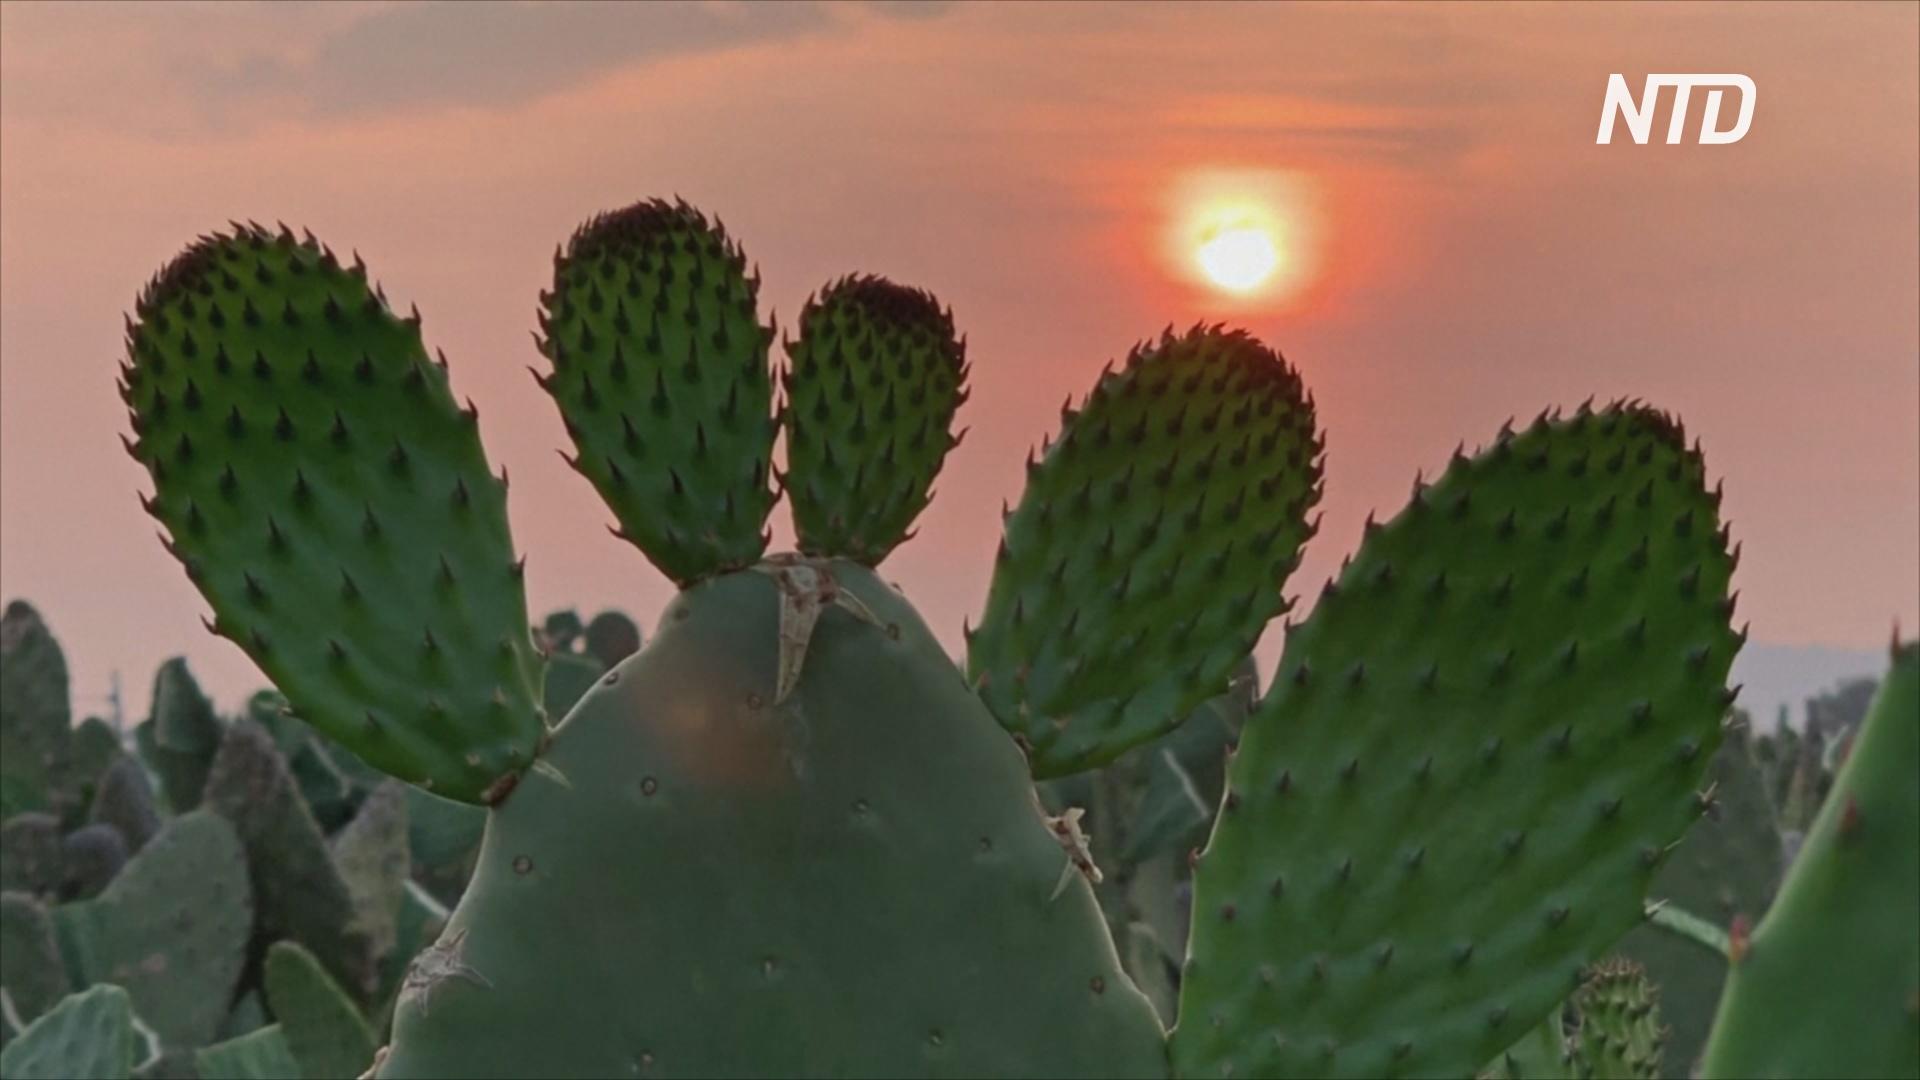 Эпидемия коронавируса больно уколола производителей кактусов в Мексике